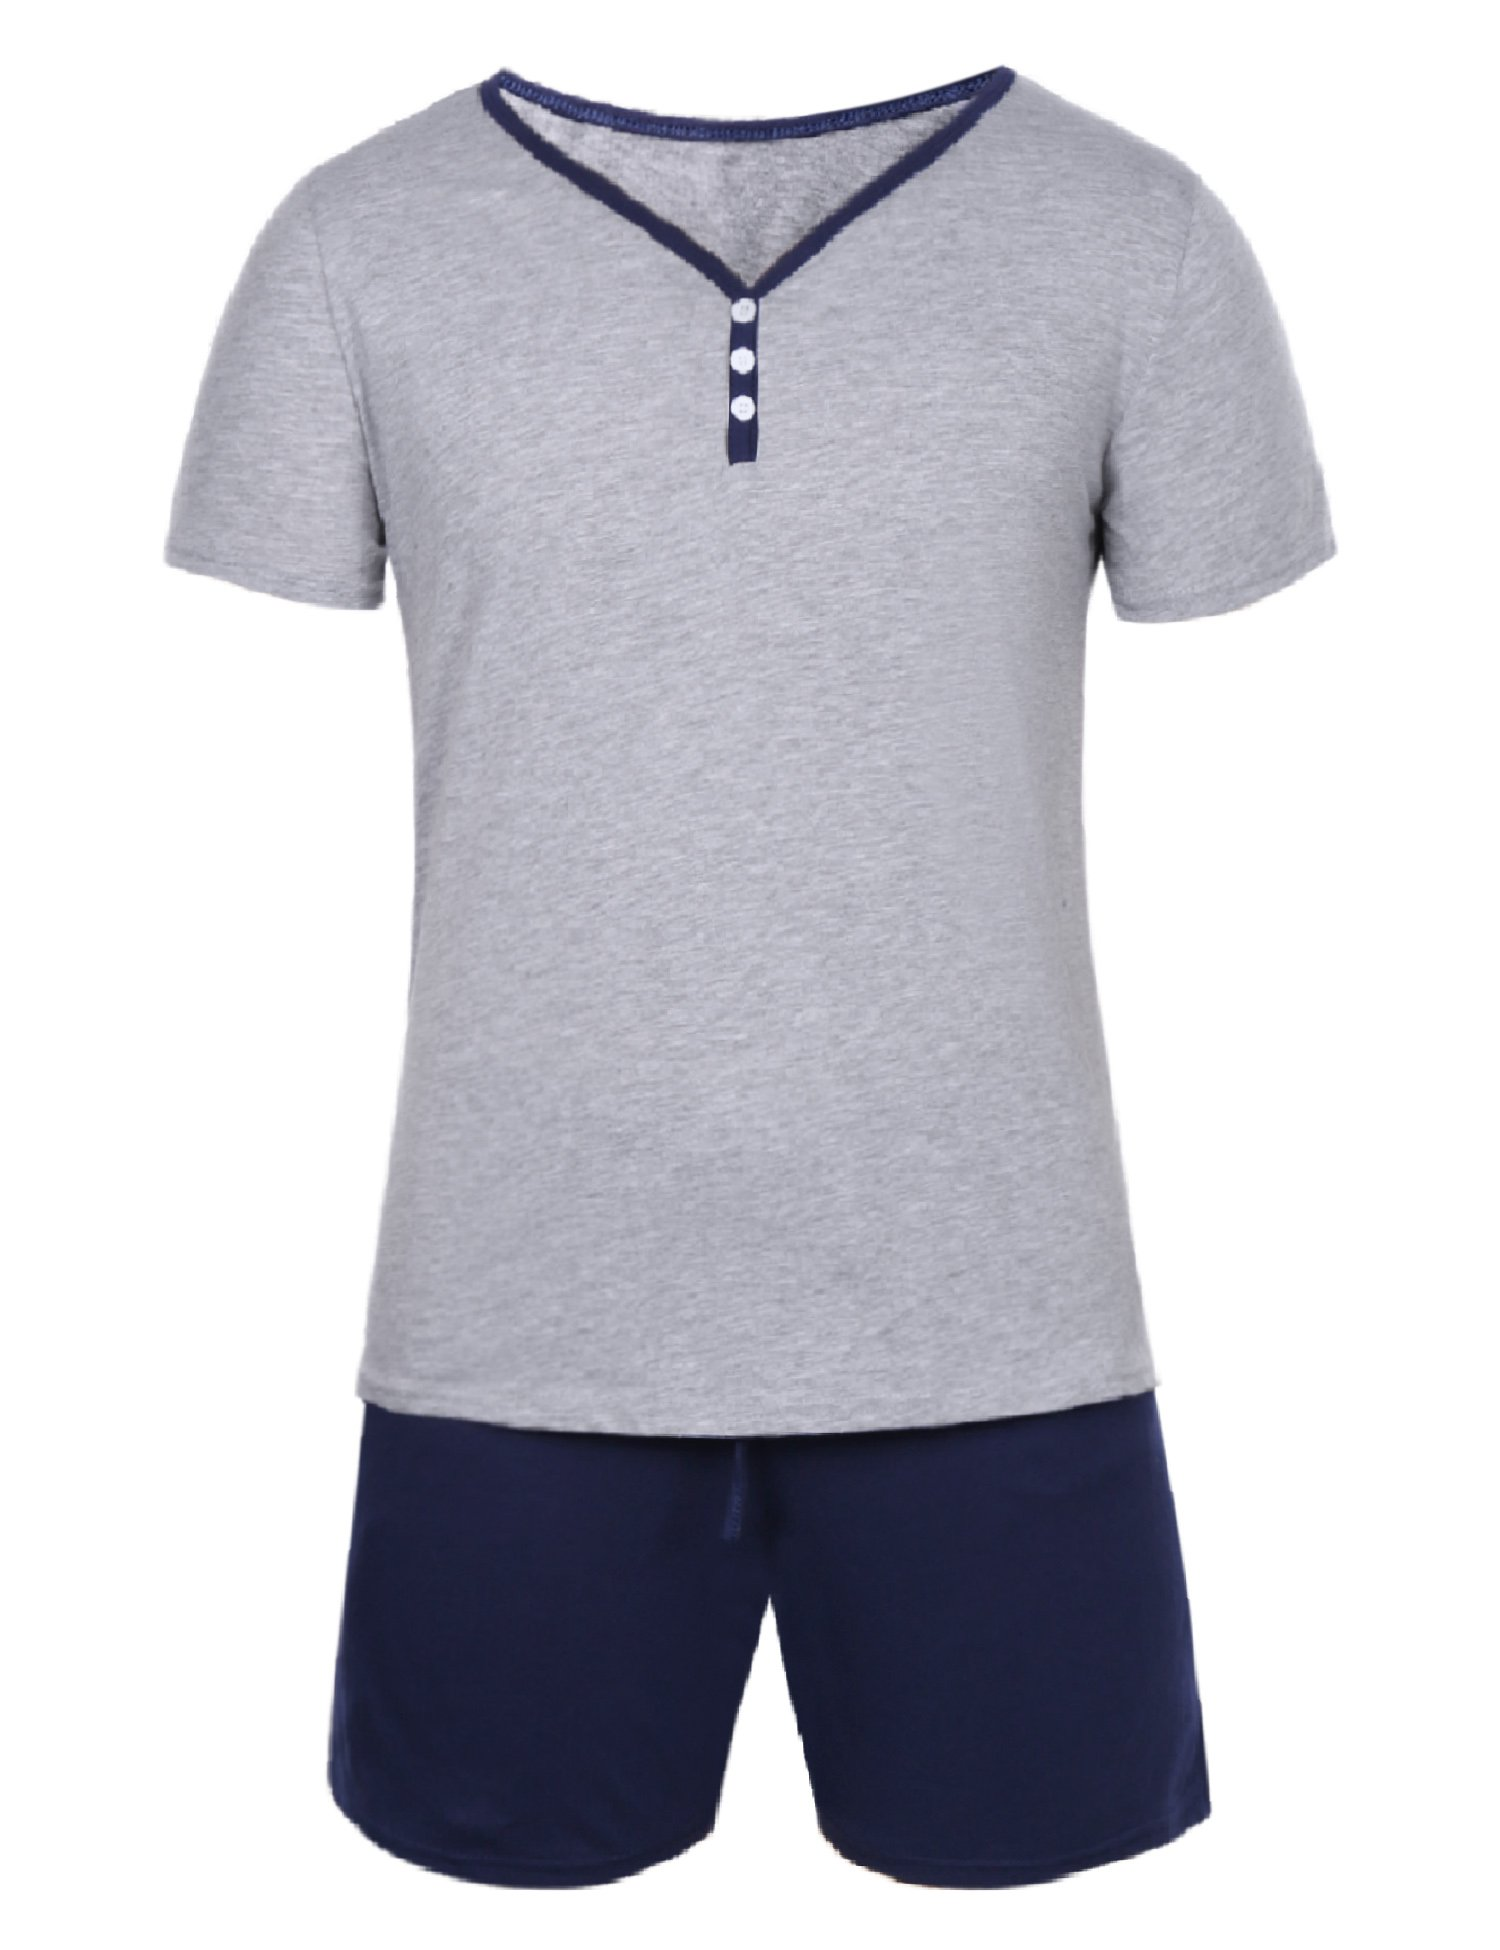 Hawiton Pijama Hombre Verano Corto de Algodón con Pantalón, Simple y Generoso product image